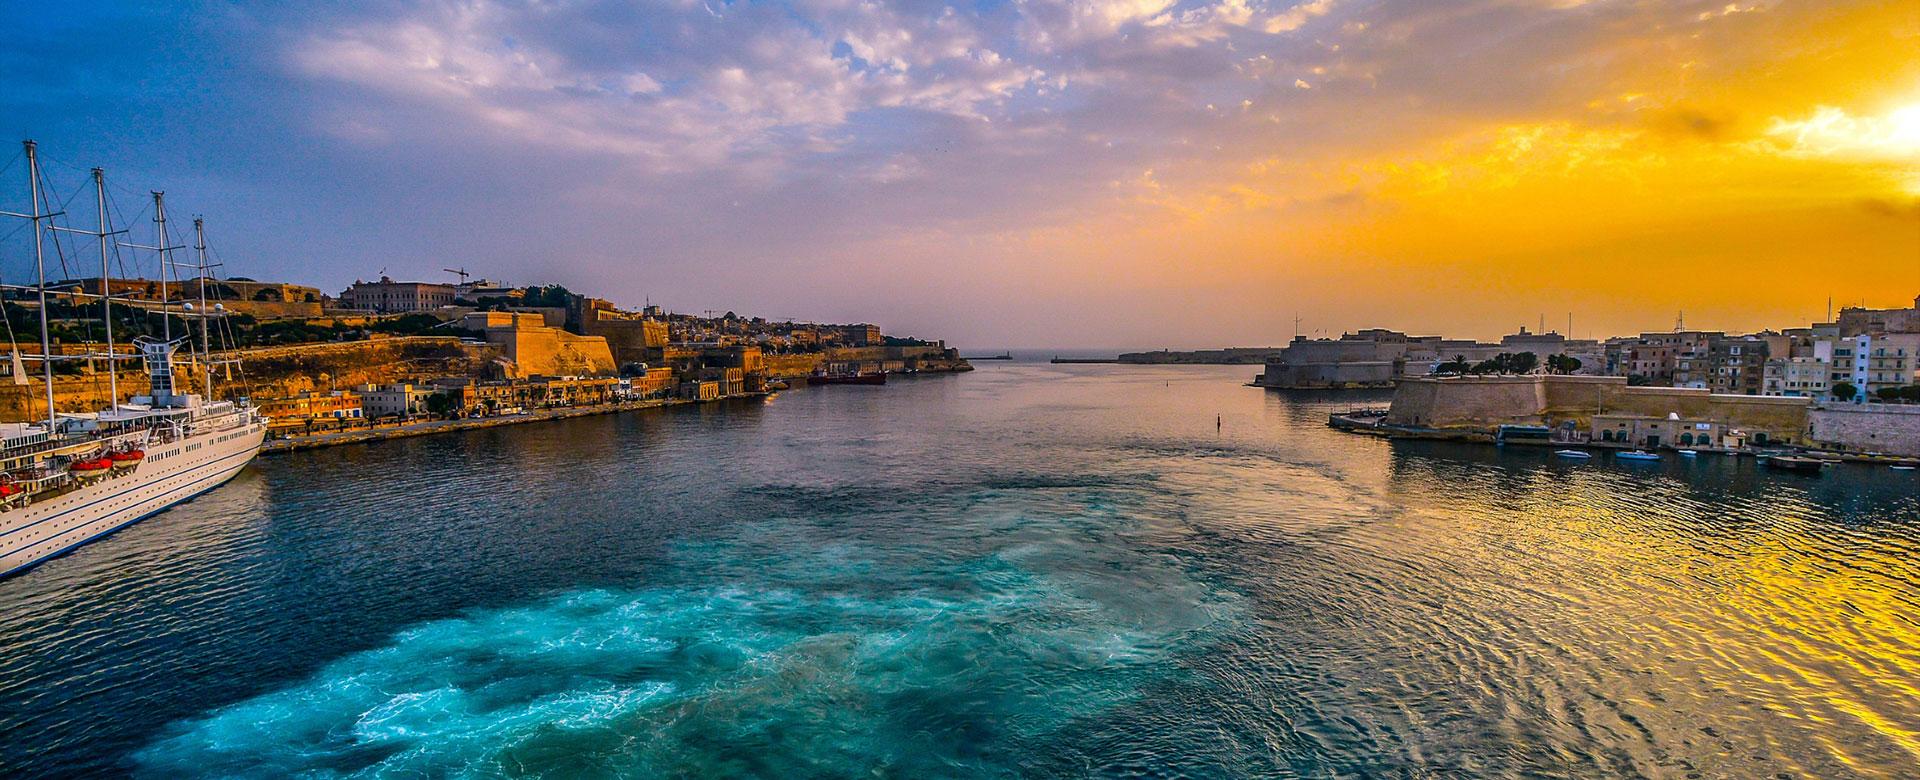 Enteractive's favourite spots in Malta